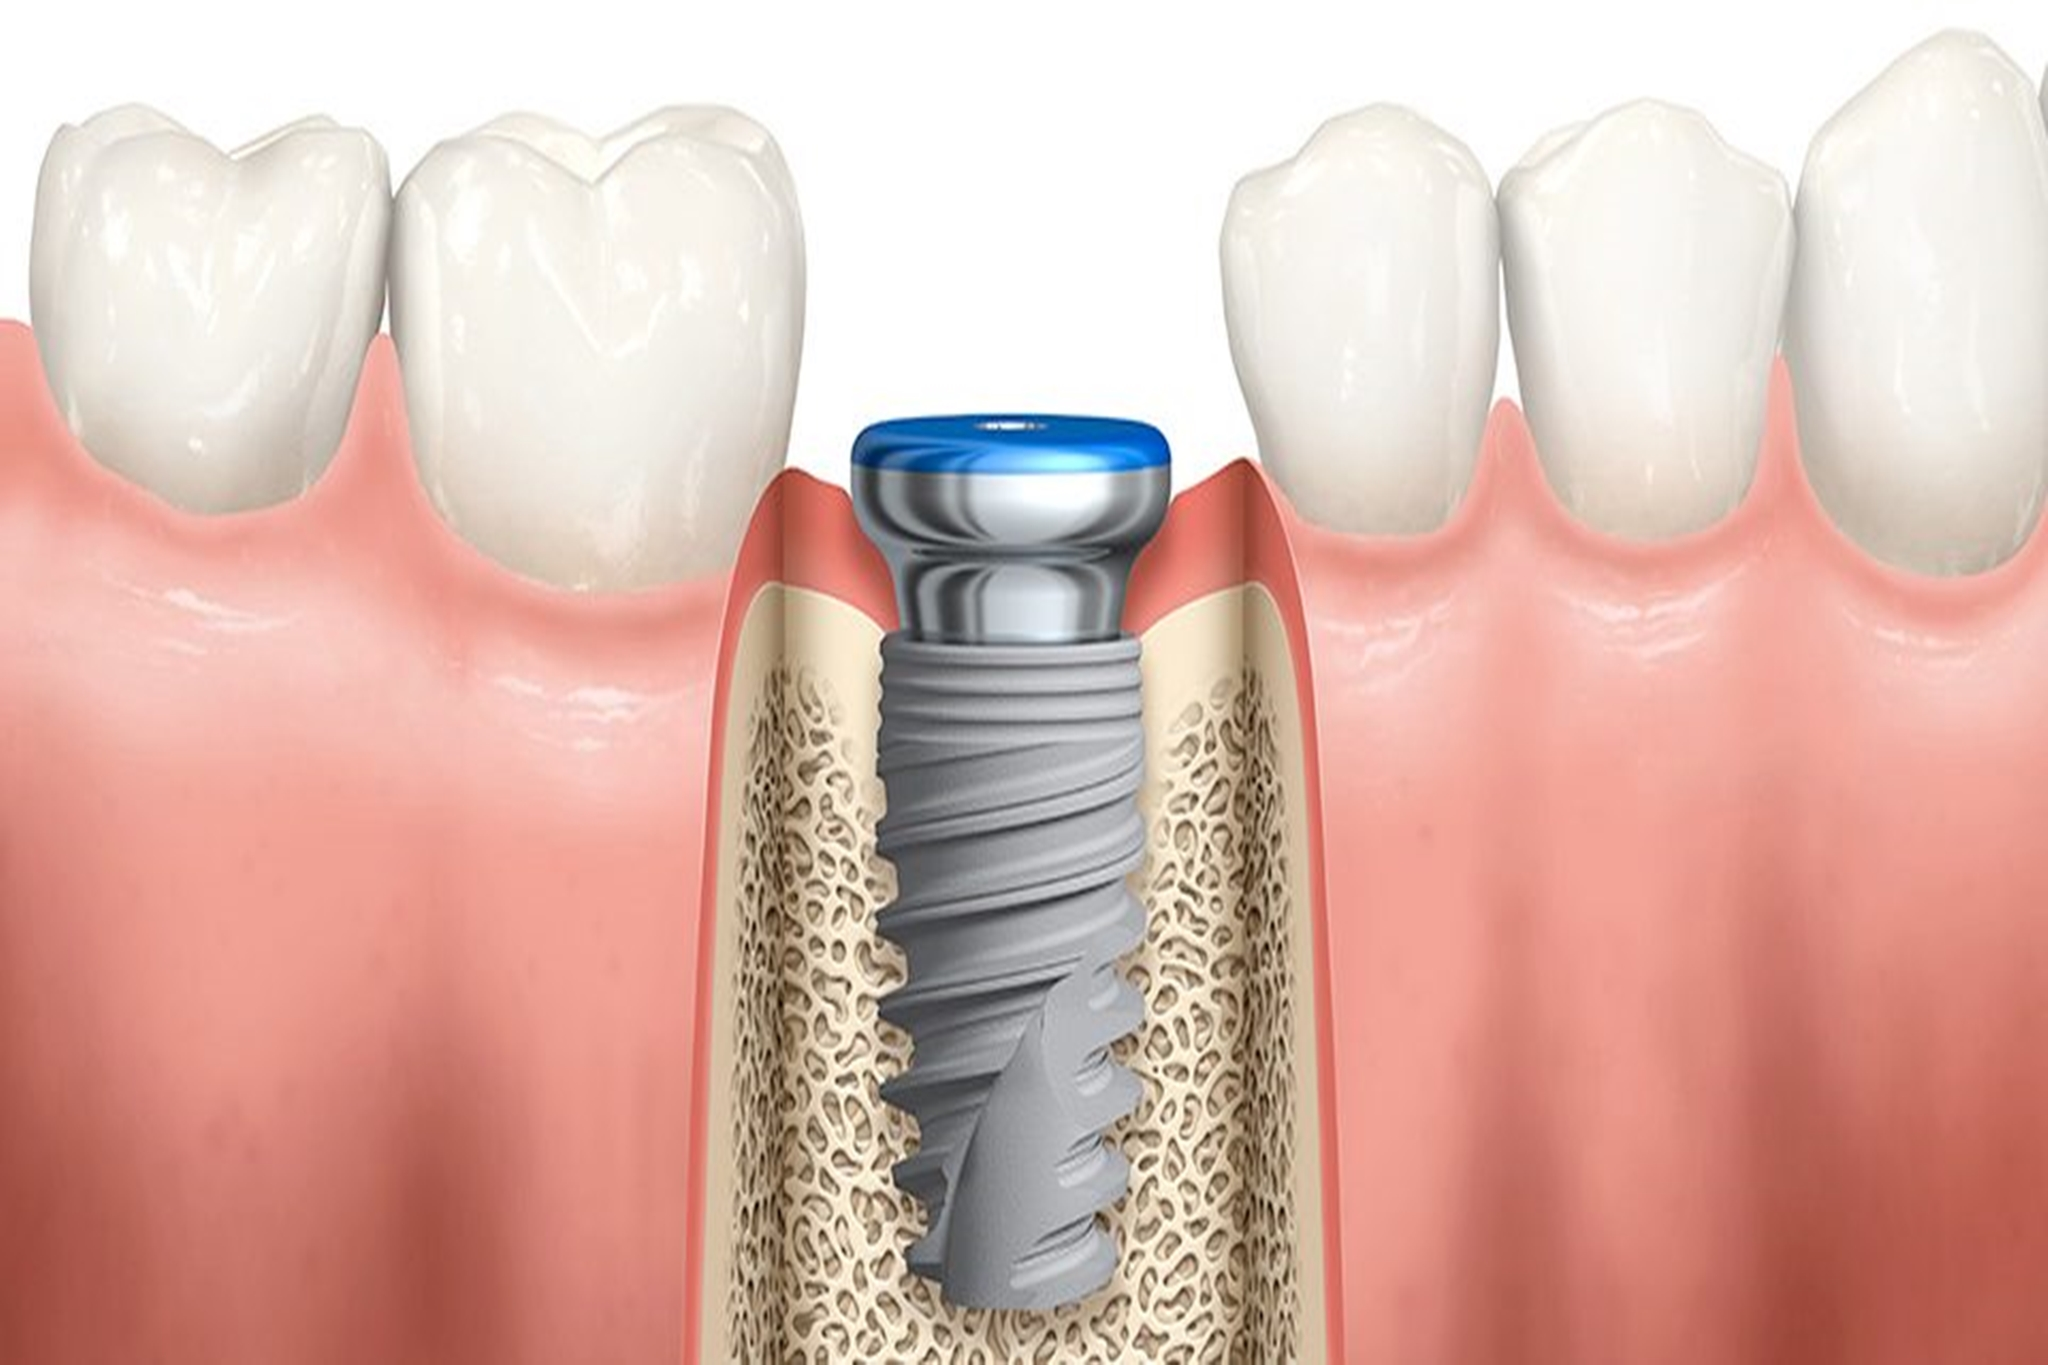 Besoin d'un implant dentaire? Voici nos conseils